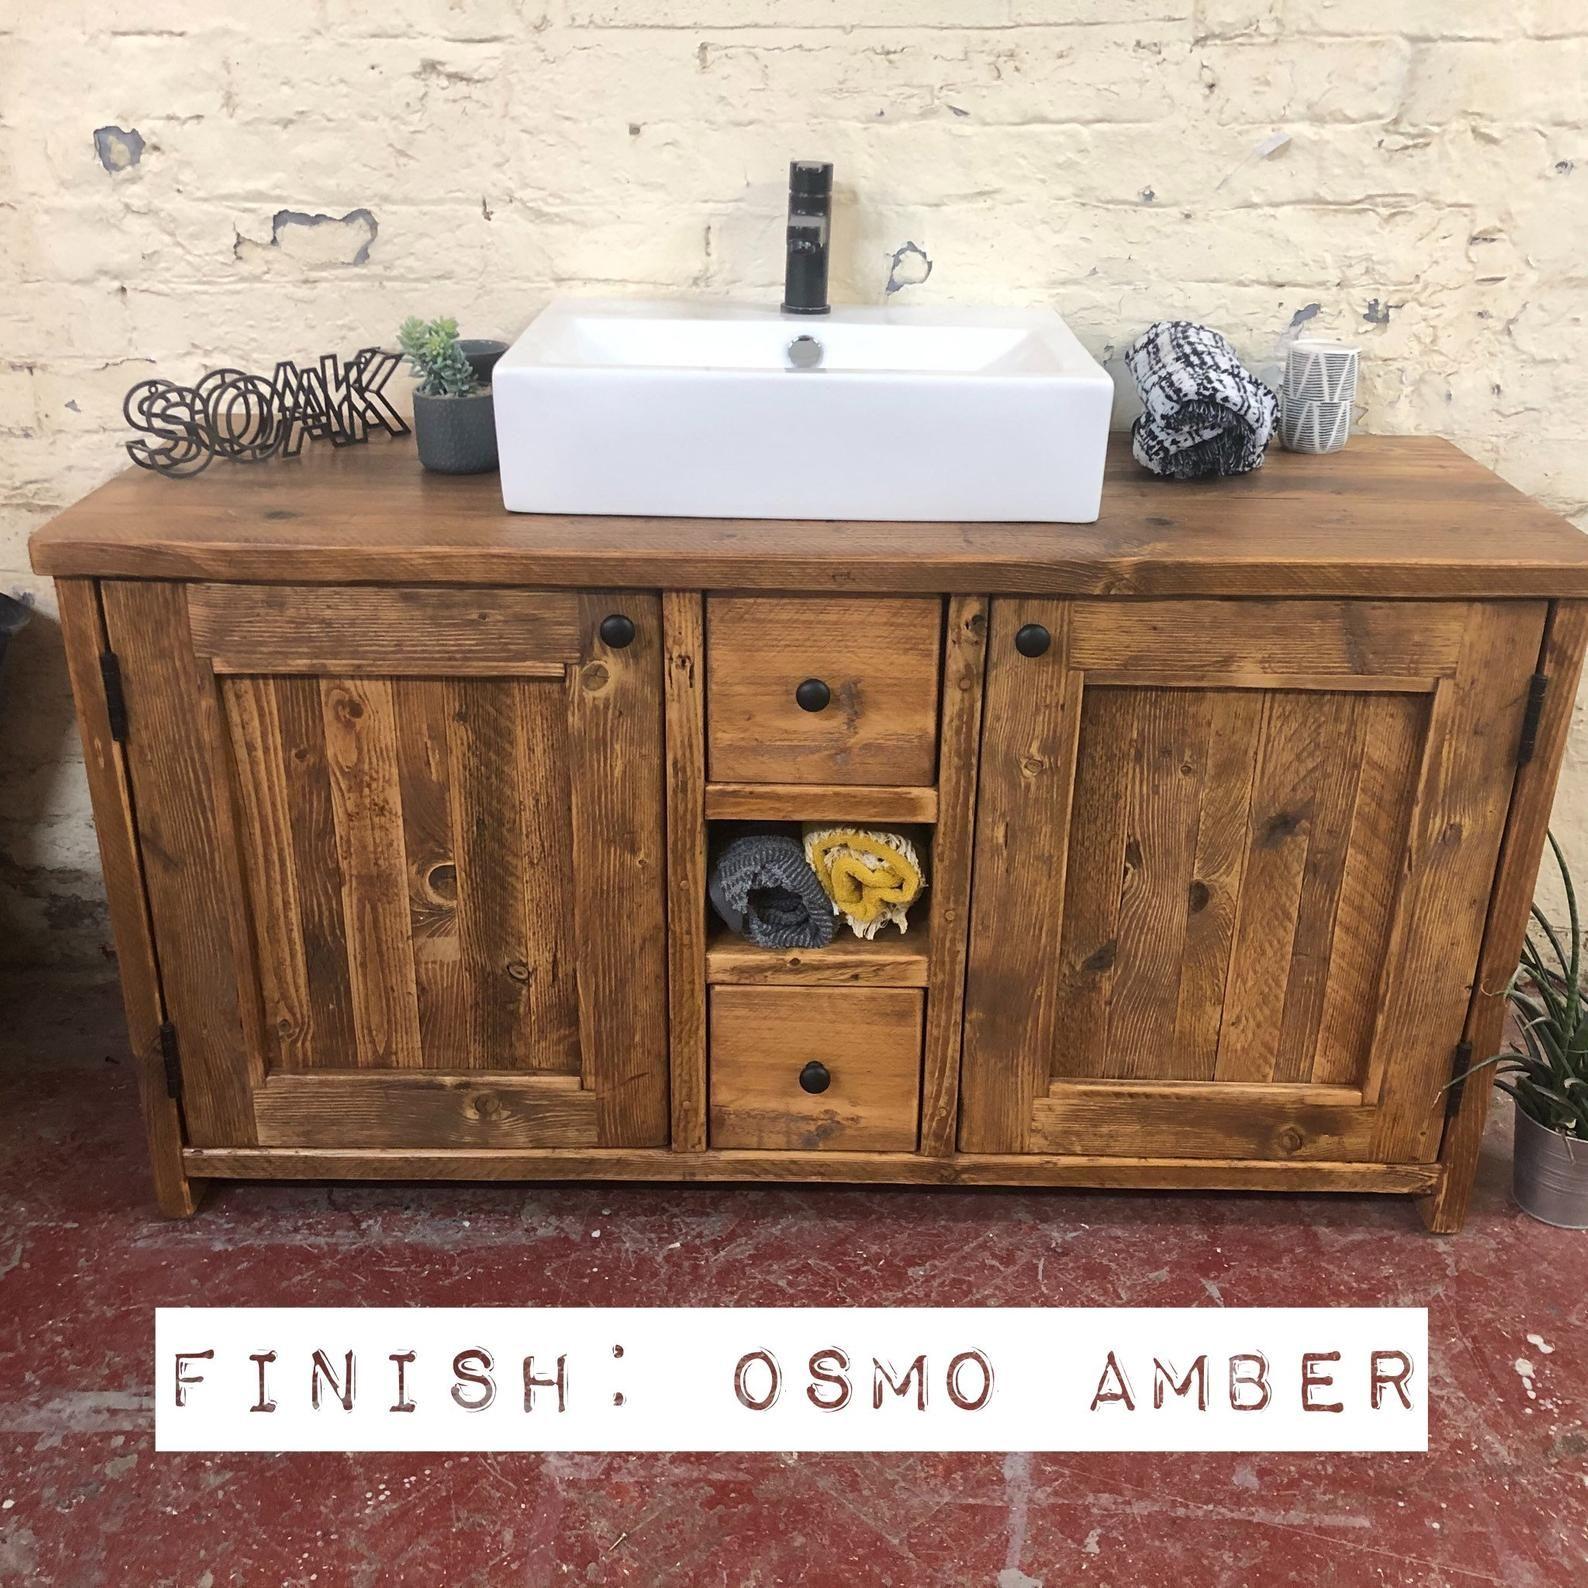 Edinburgh Reclaimed Wood Bathroom Vanity Wood Farmhouse Bathroom Vanity For Sink Rustic Wood Bathroom Vanity With Drawers Wash Stand Reclaimed Wood Bathroom Vanity Wood Bathroom Vanity Wood Bathroom